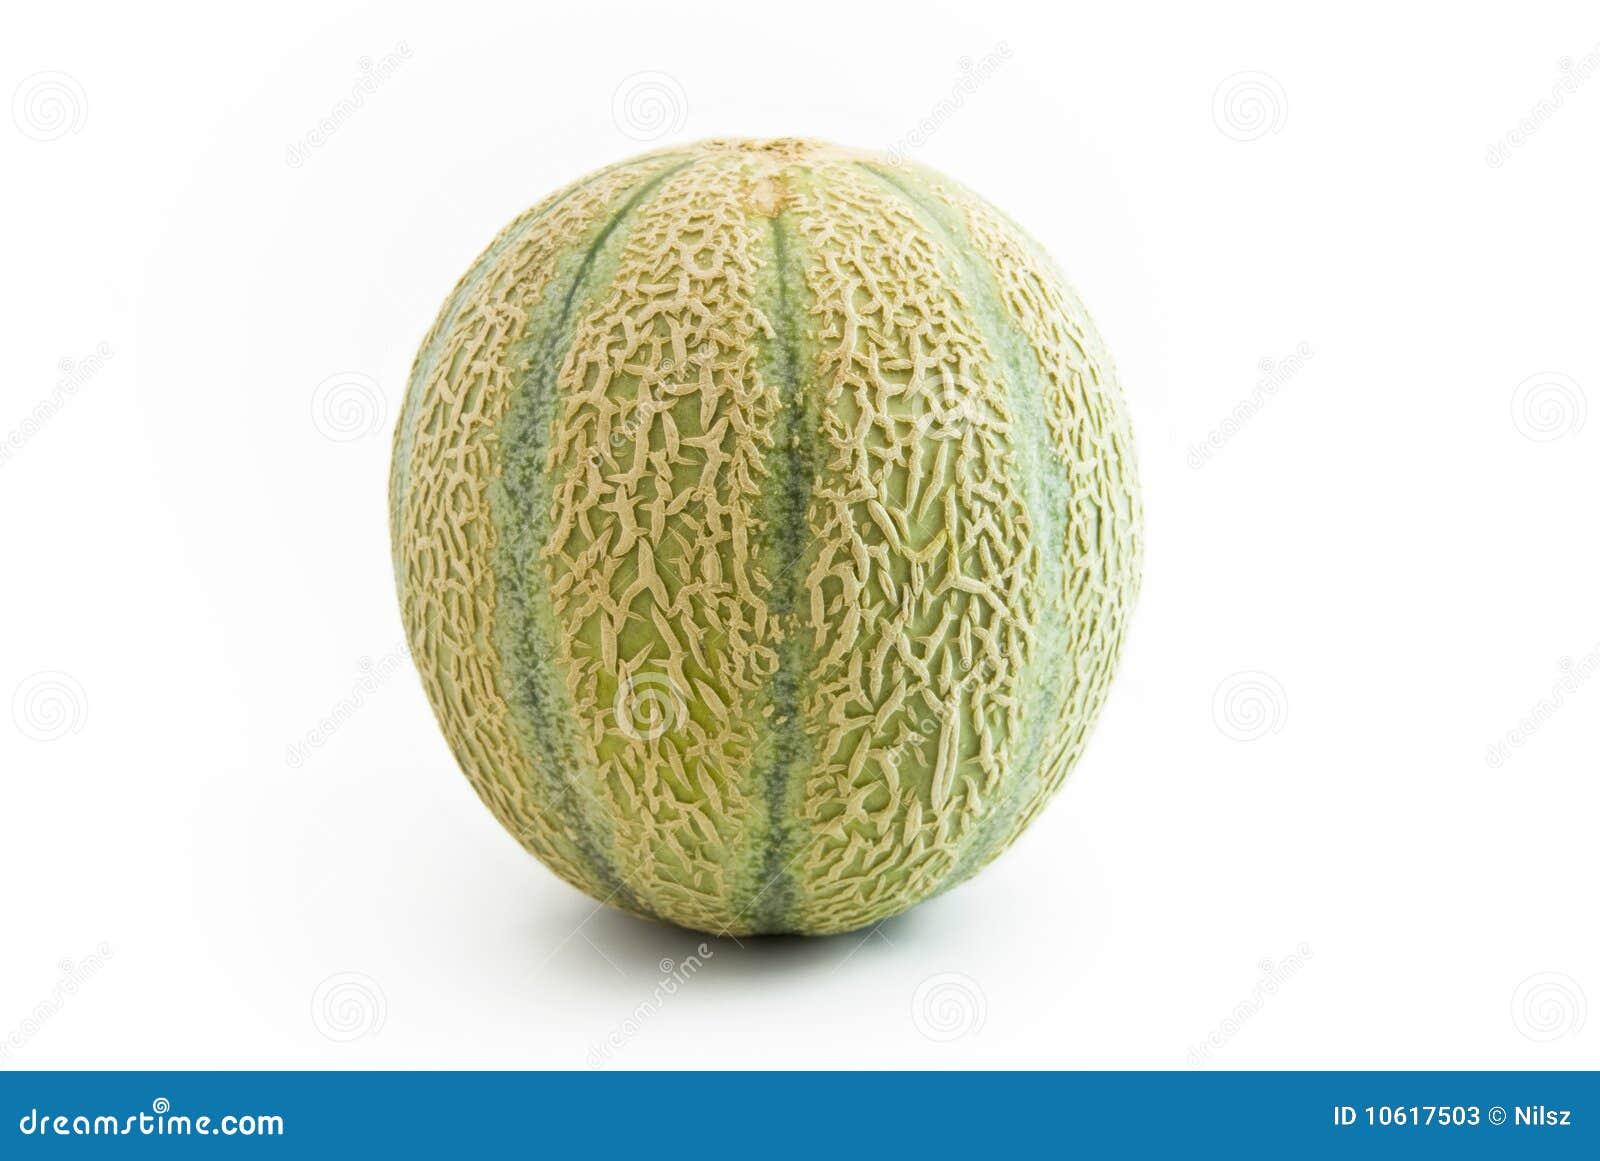 melone frucht aufrecht stockbild bild von gesund netz 10617503. Black Bedroom Furniture Sets. Home Design Ideas